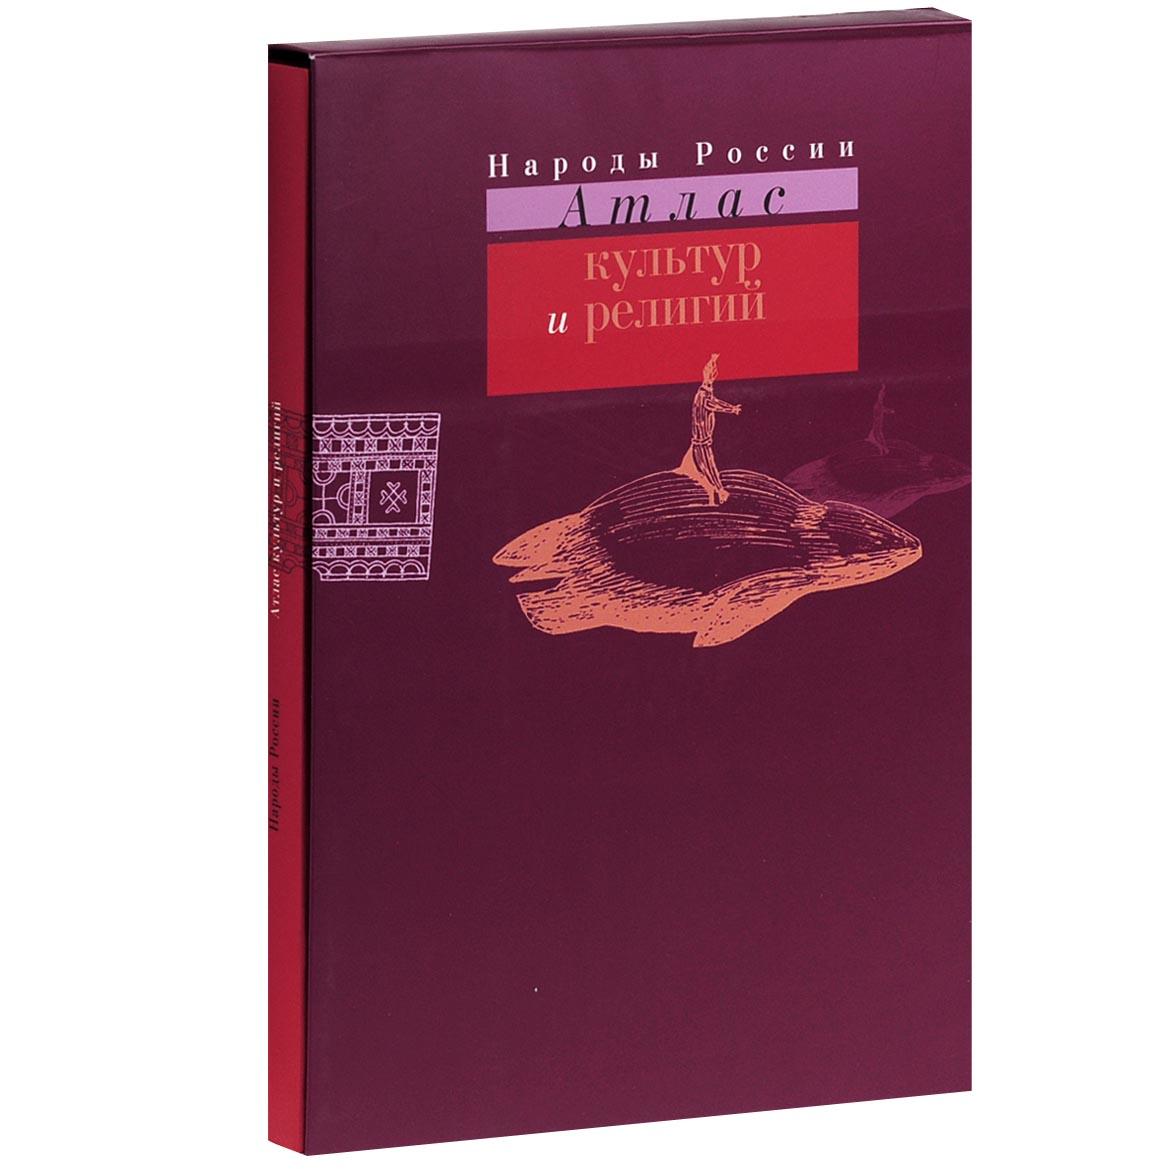 Народы России. Атлас культур и религий (+ CD-ROM)